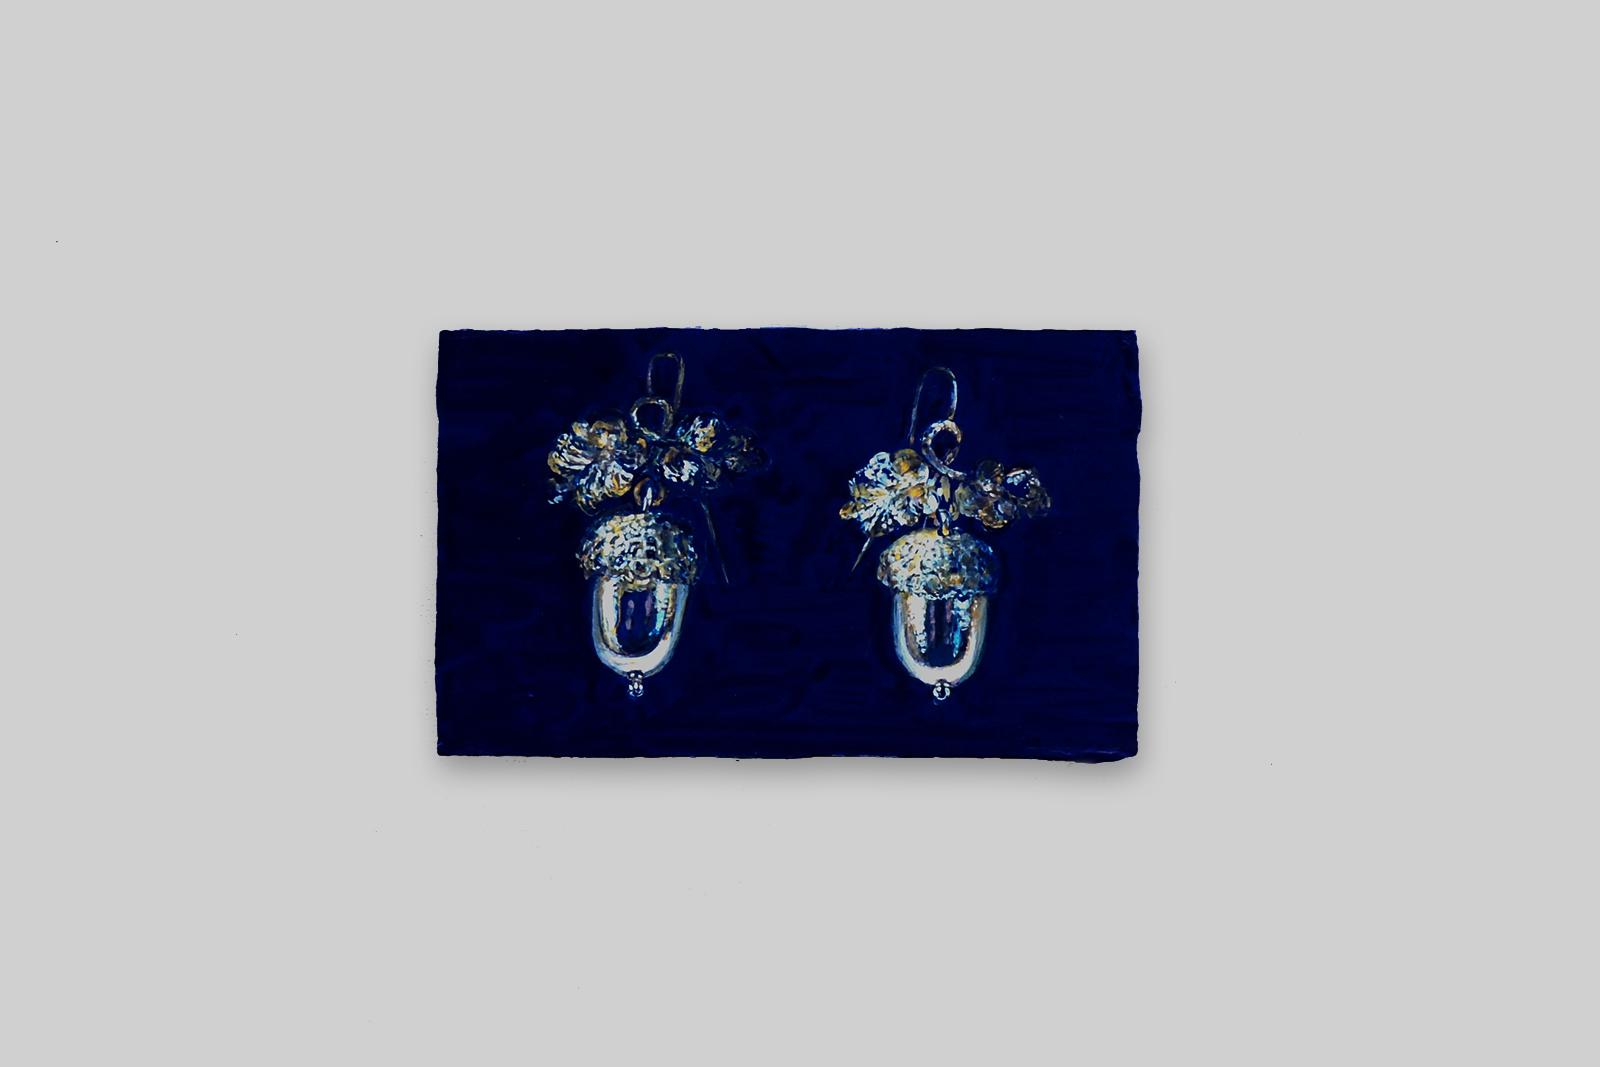 'eikeltjes oorbellen', 2015, tempera/paneel, 11 x 18 cm